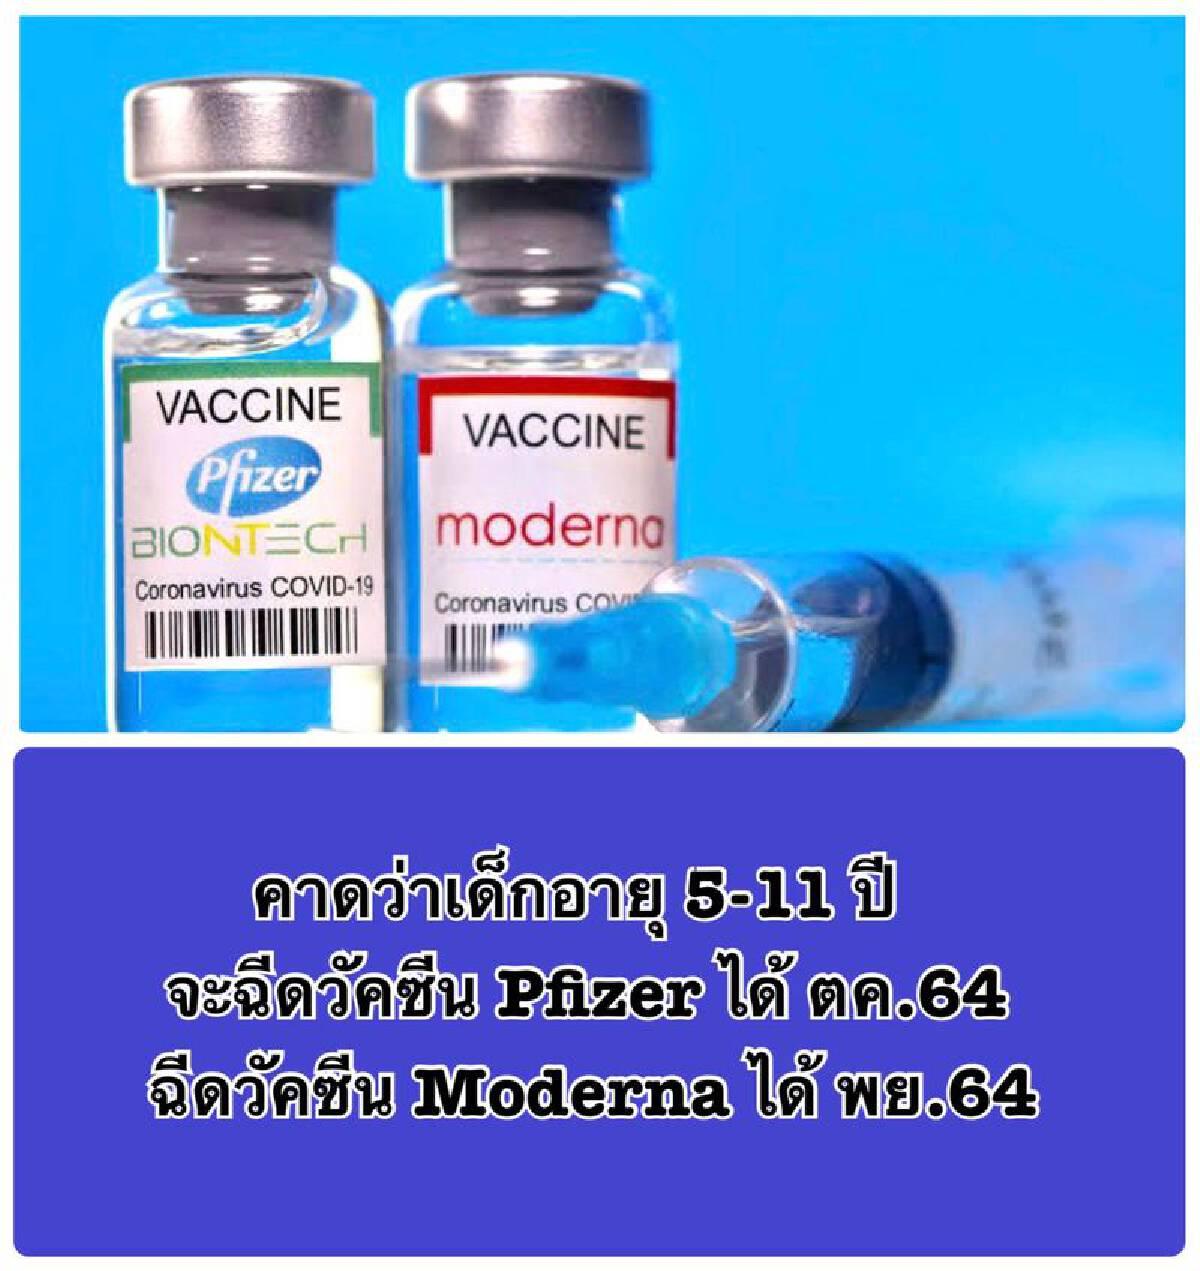 วัคซีนตัวไหน เหมาะกับช่วงอายุของเด็ก